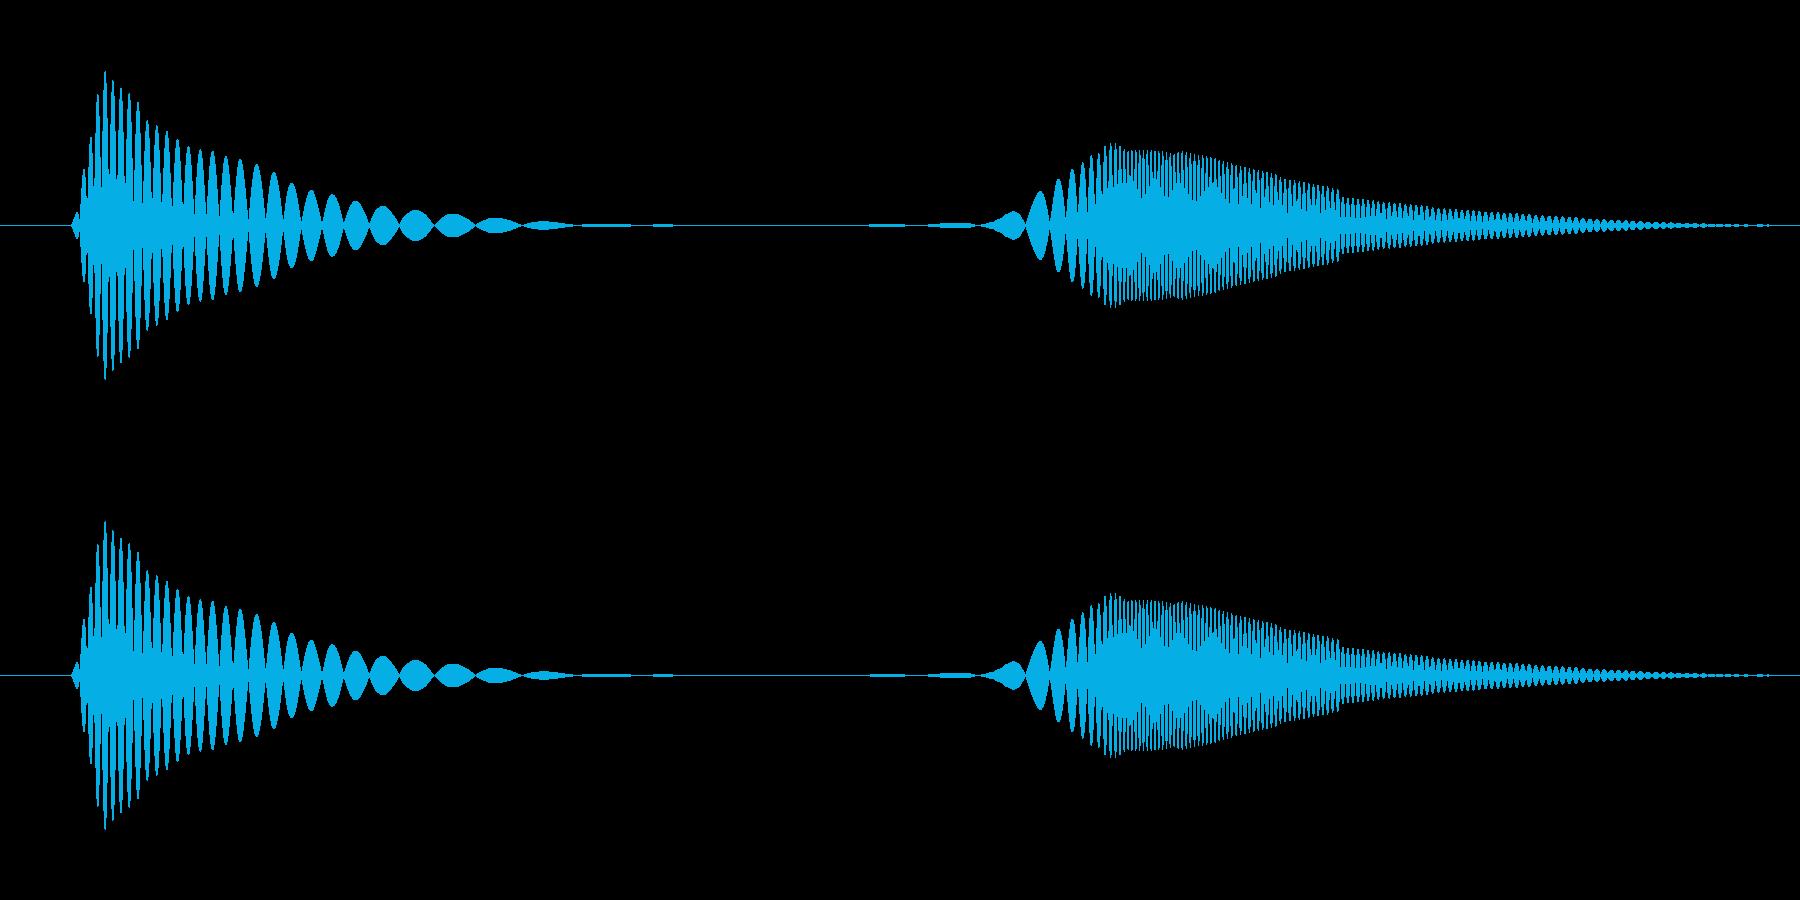 肉球のようなやわらかいスタンプ音の再生済みの波形